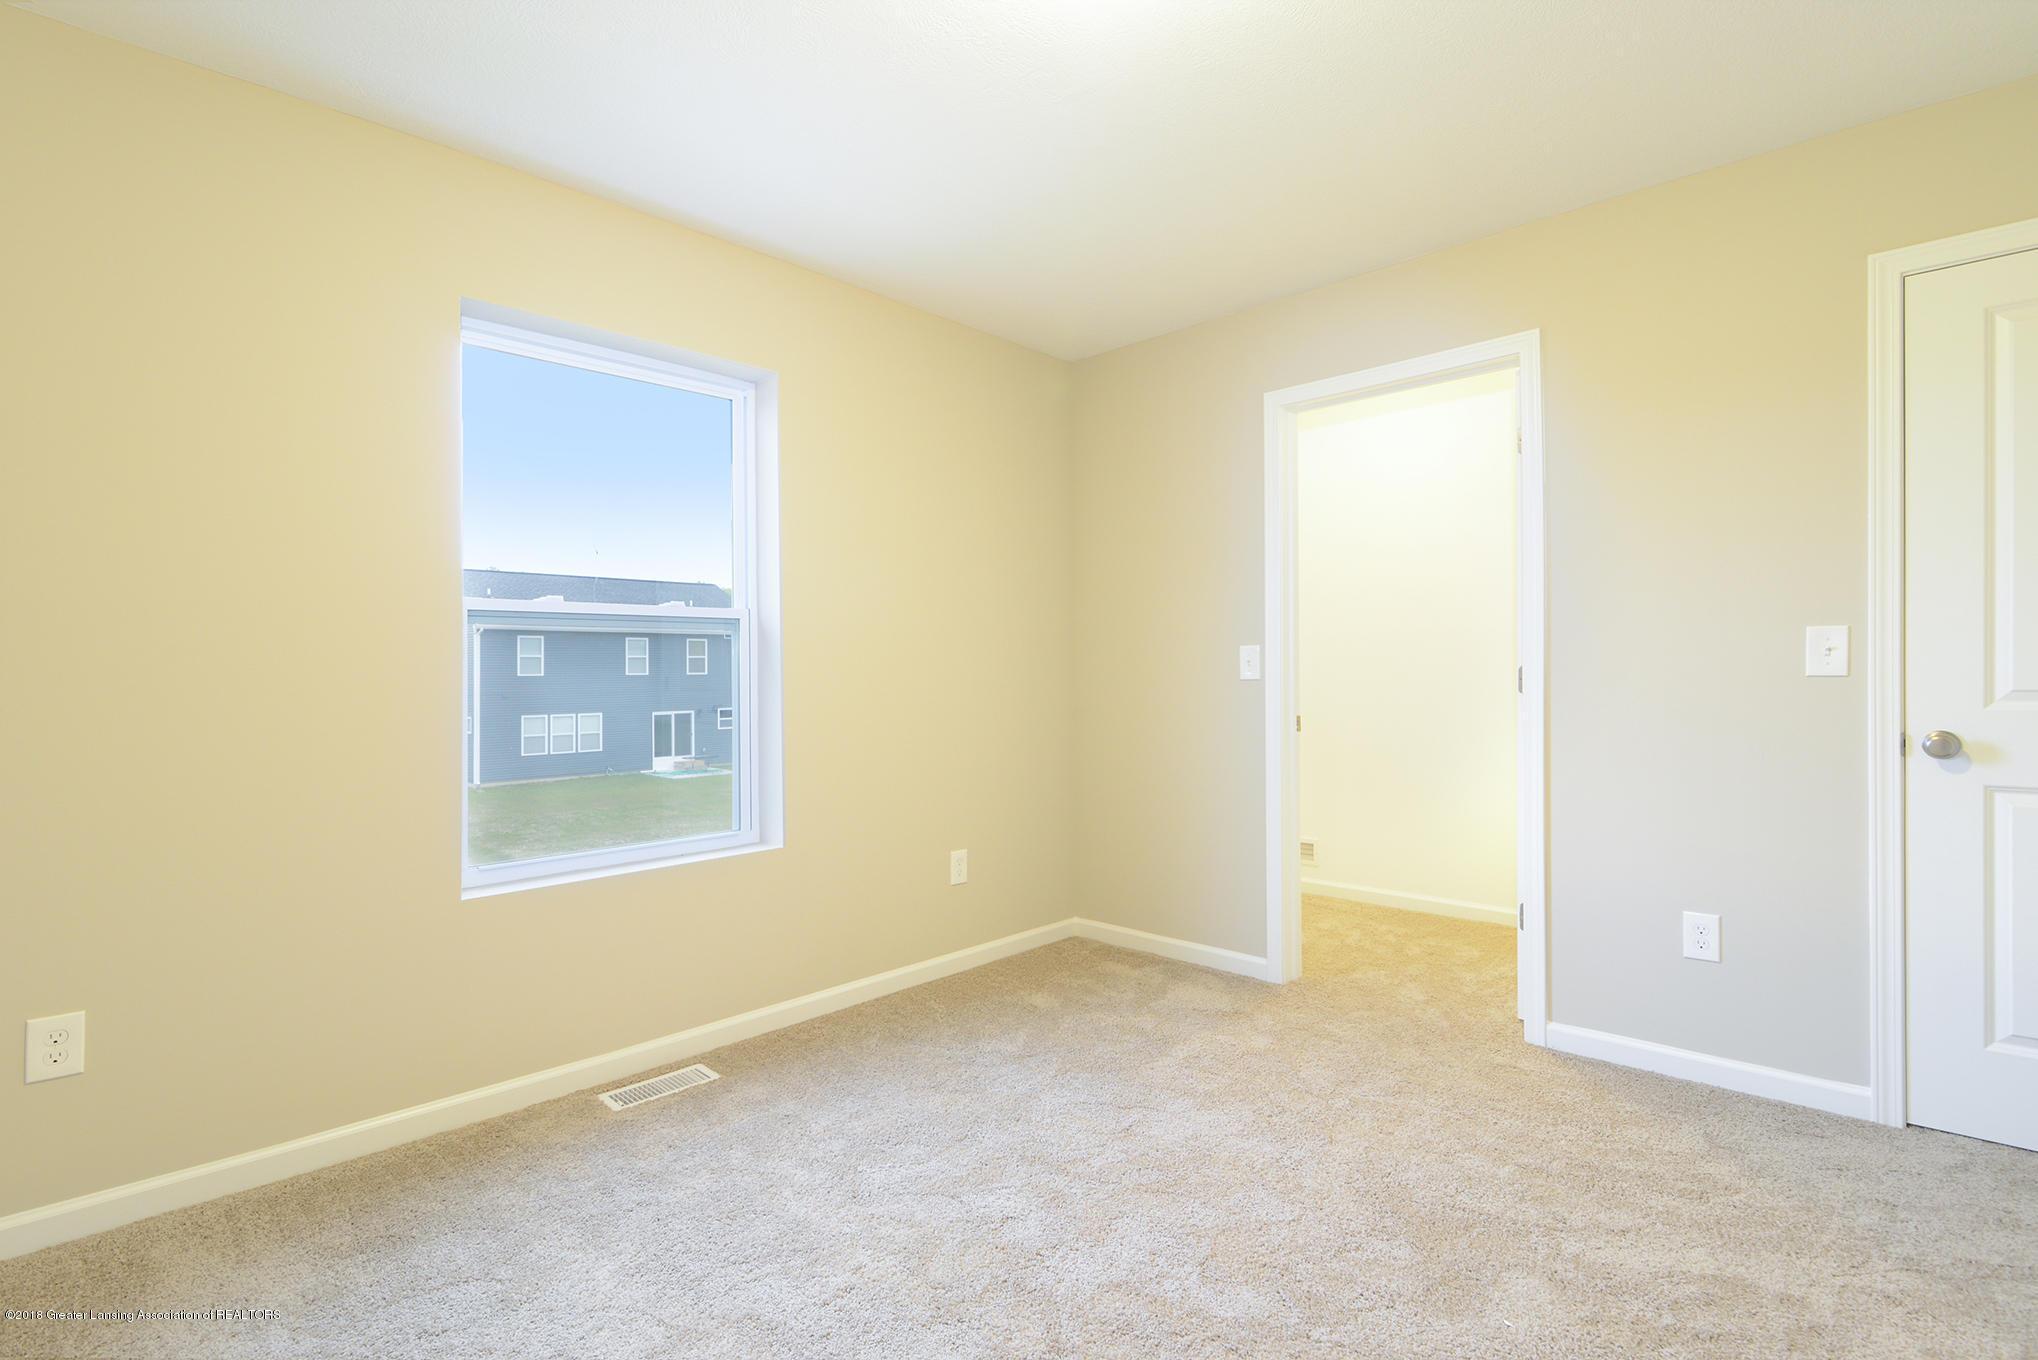 3586 Fernwood Ln - GDN111-E1700 Bedroom 3 - 11